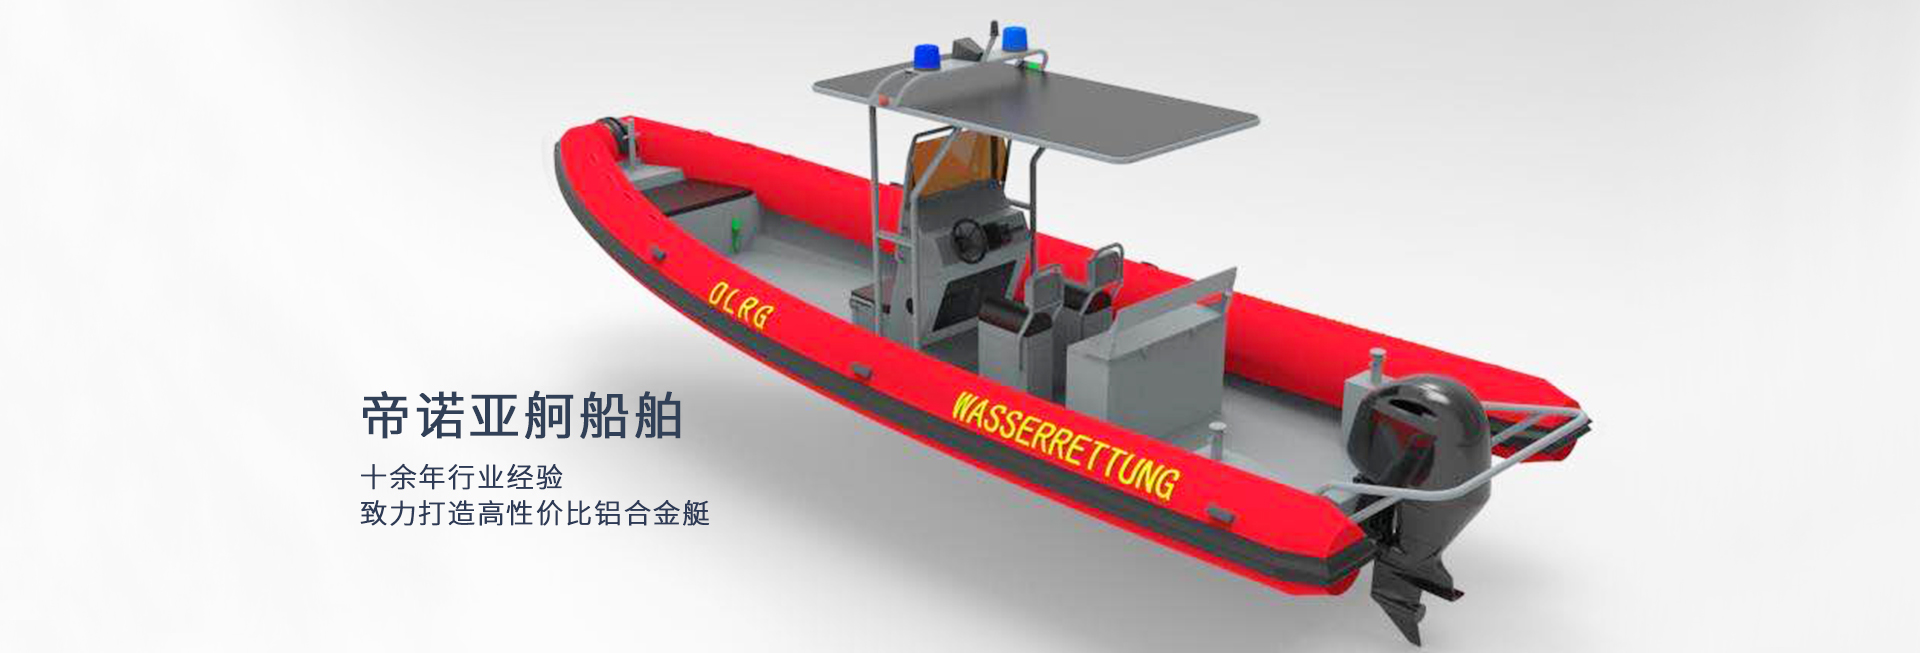 鋁合金艇,鋁合金船,橡皮艇